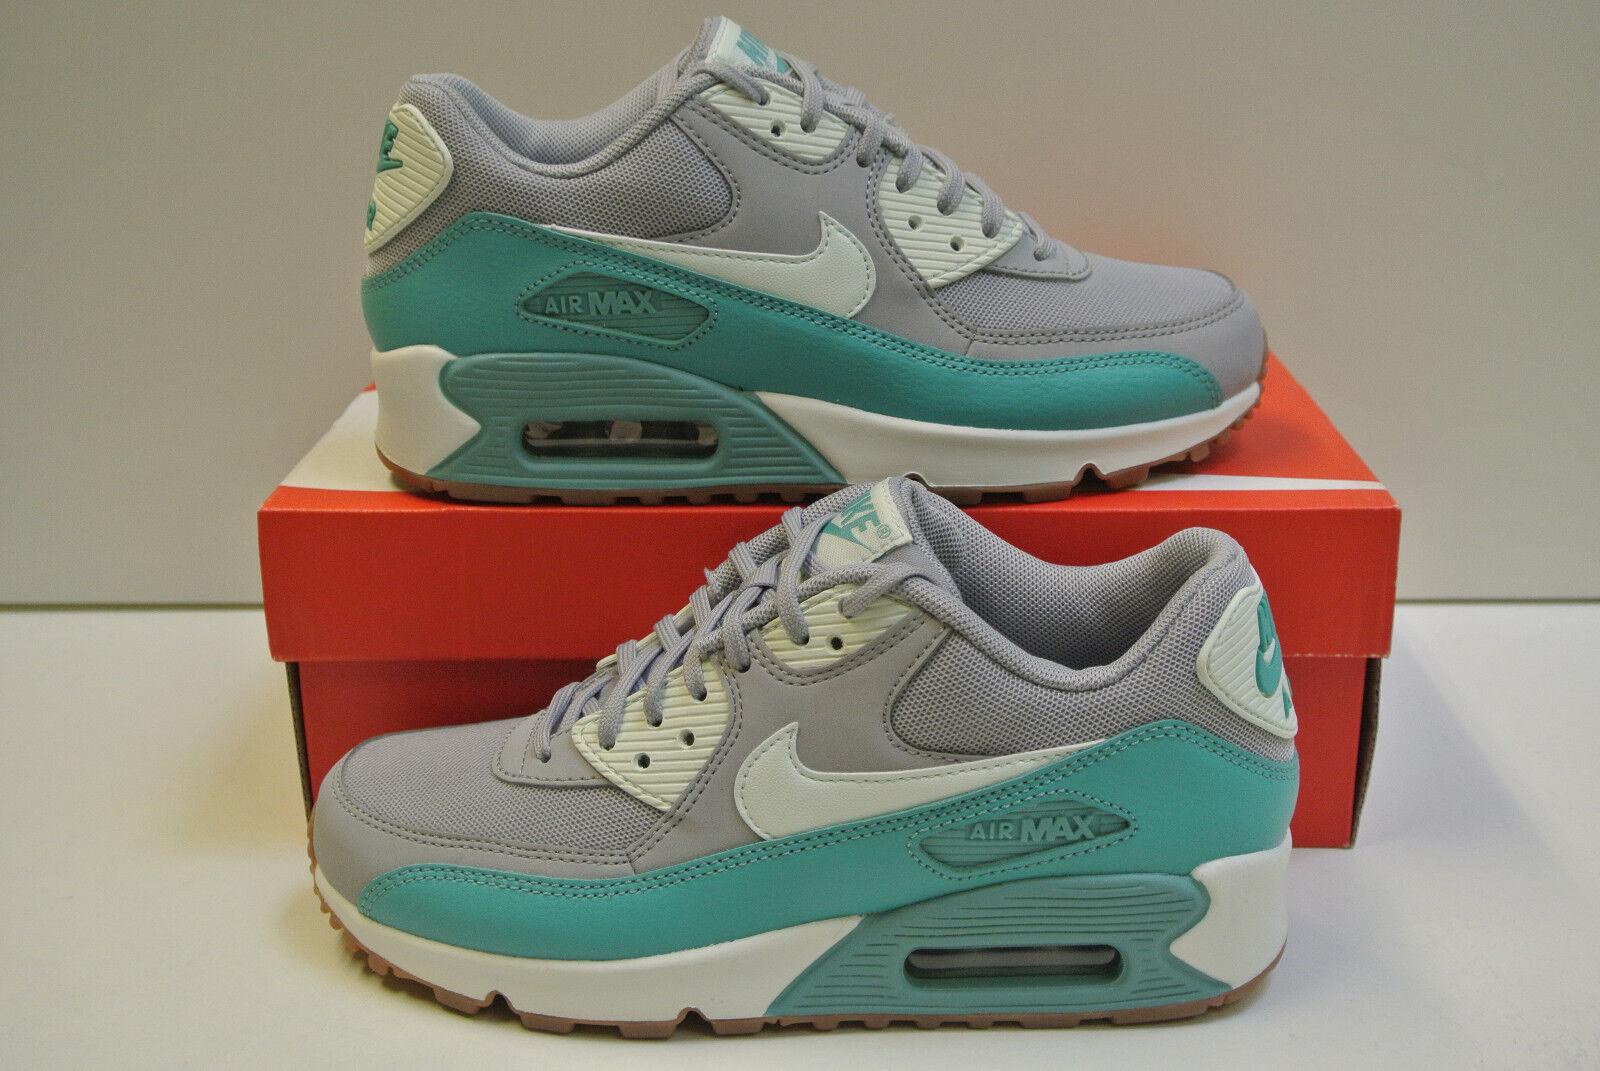 Wmns Nike Air Max 90 ESSENIAL gr. gr. gr. SÉLECTIONNABLE neuf et scellé 616730 032 3d7cd0